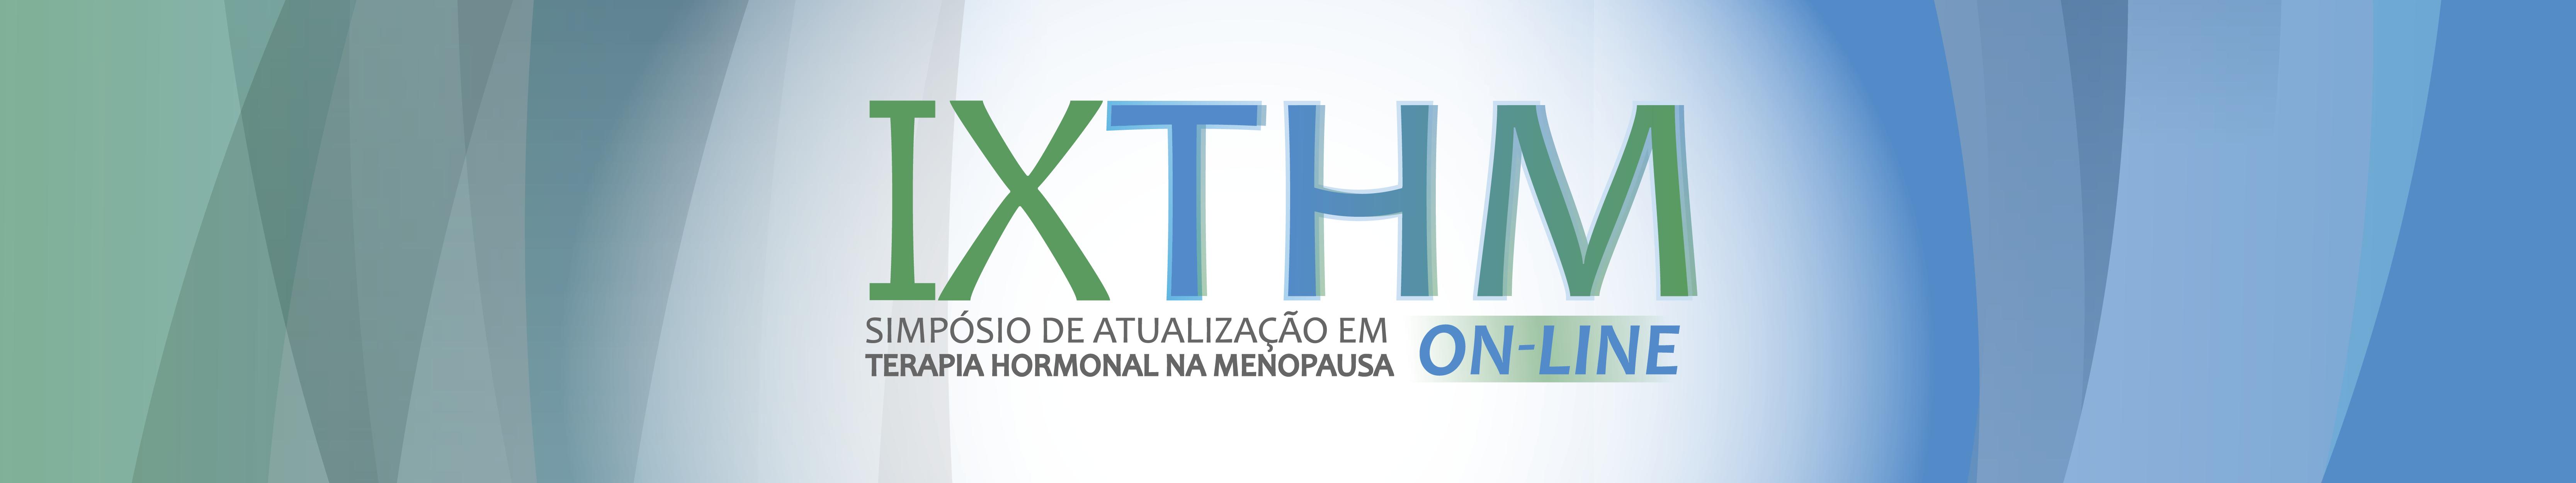 THM-banners-Aulas disponiveis-Prancheta 1